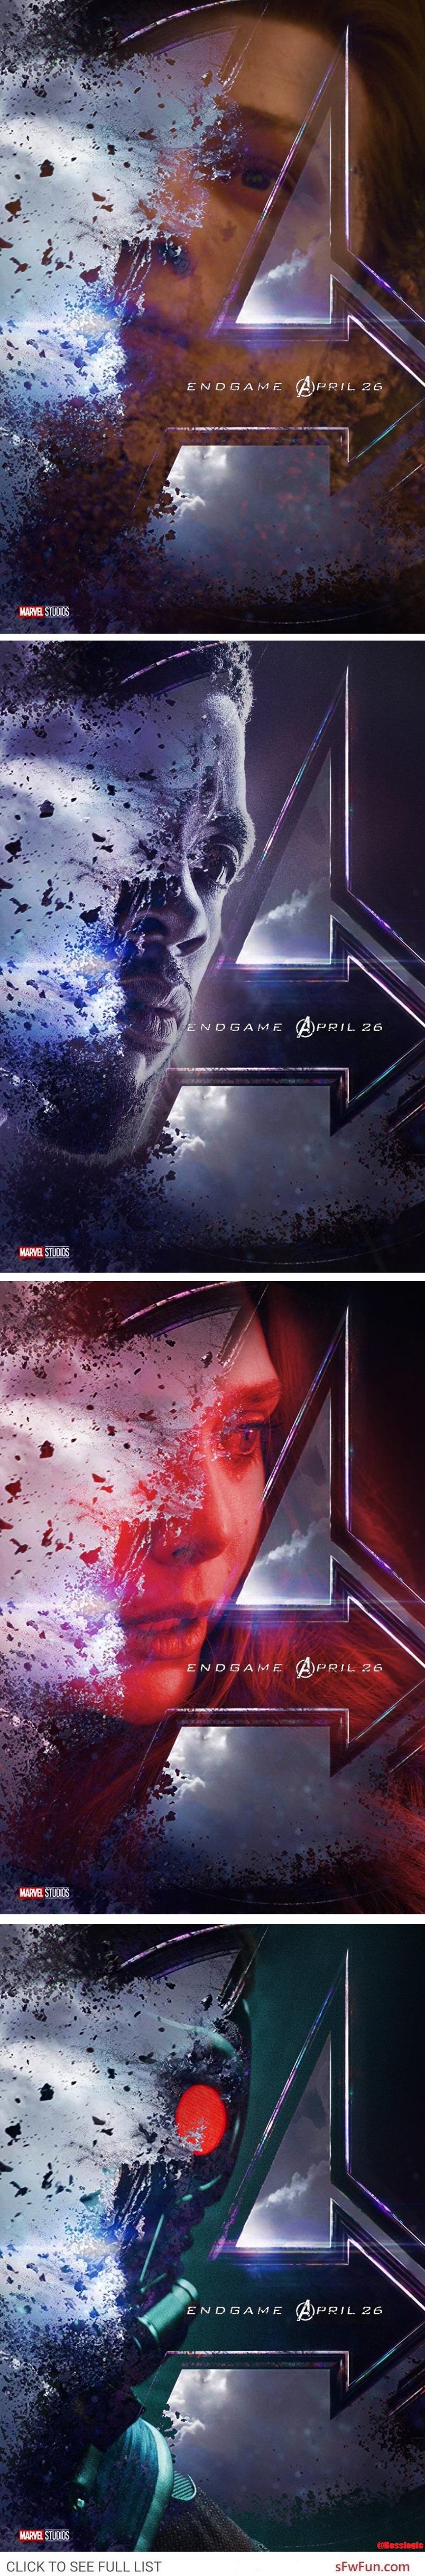 Avengers Endgame concept art, endgame fanart